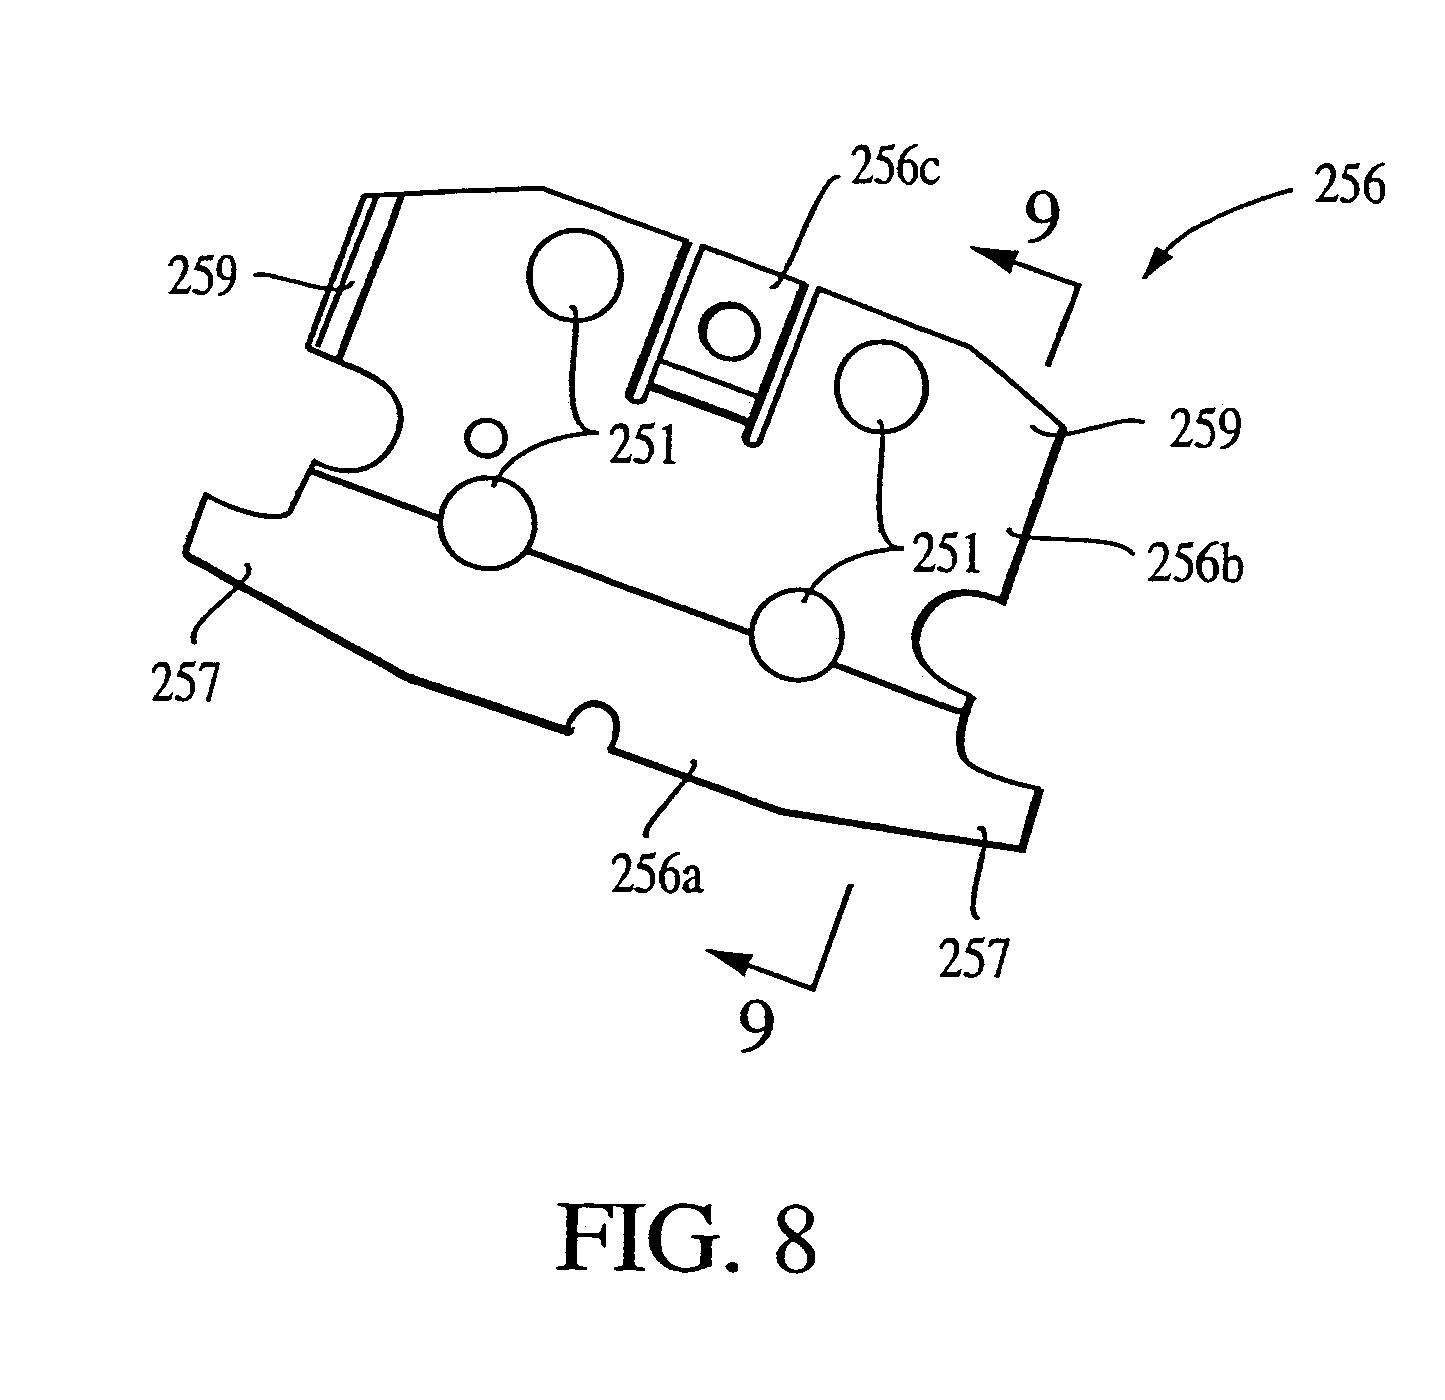 Wiring Diagram Of A Crock Pot Com